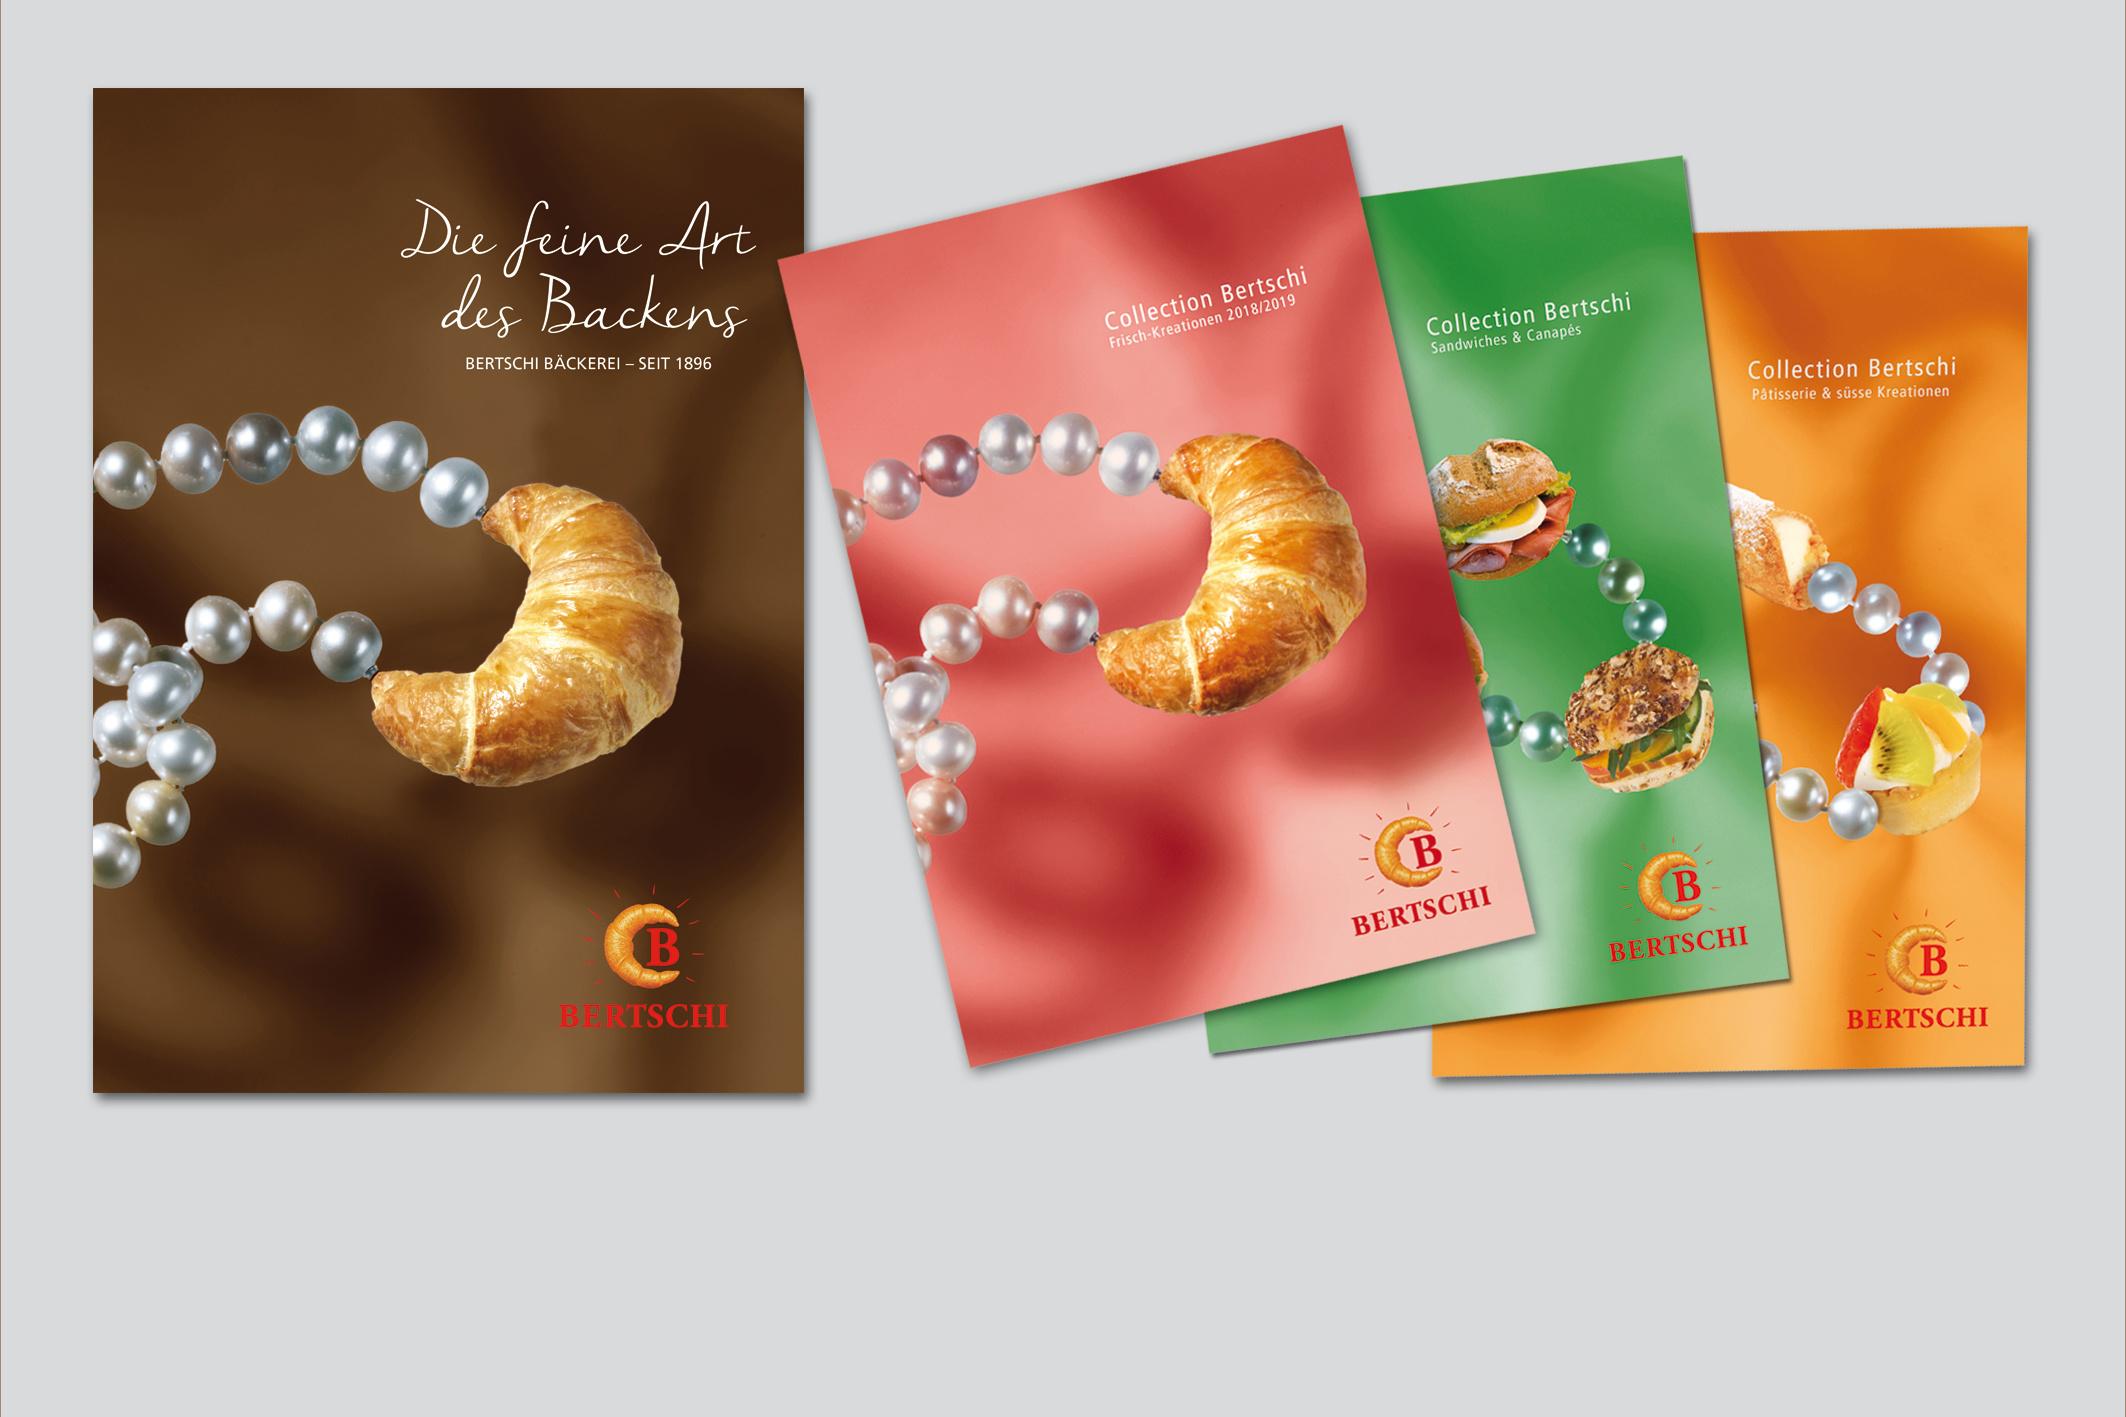 Bertschi Bäckerei